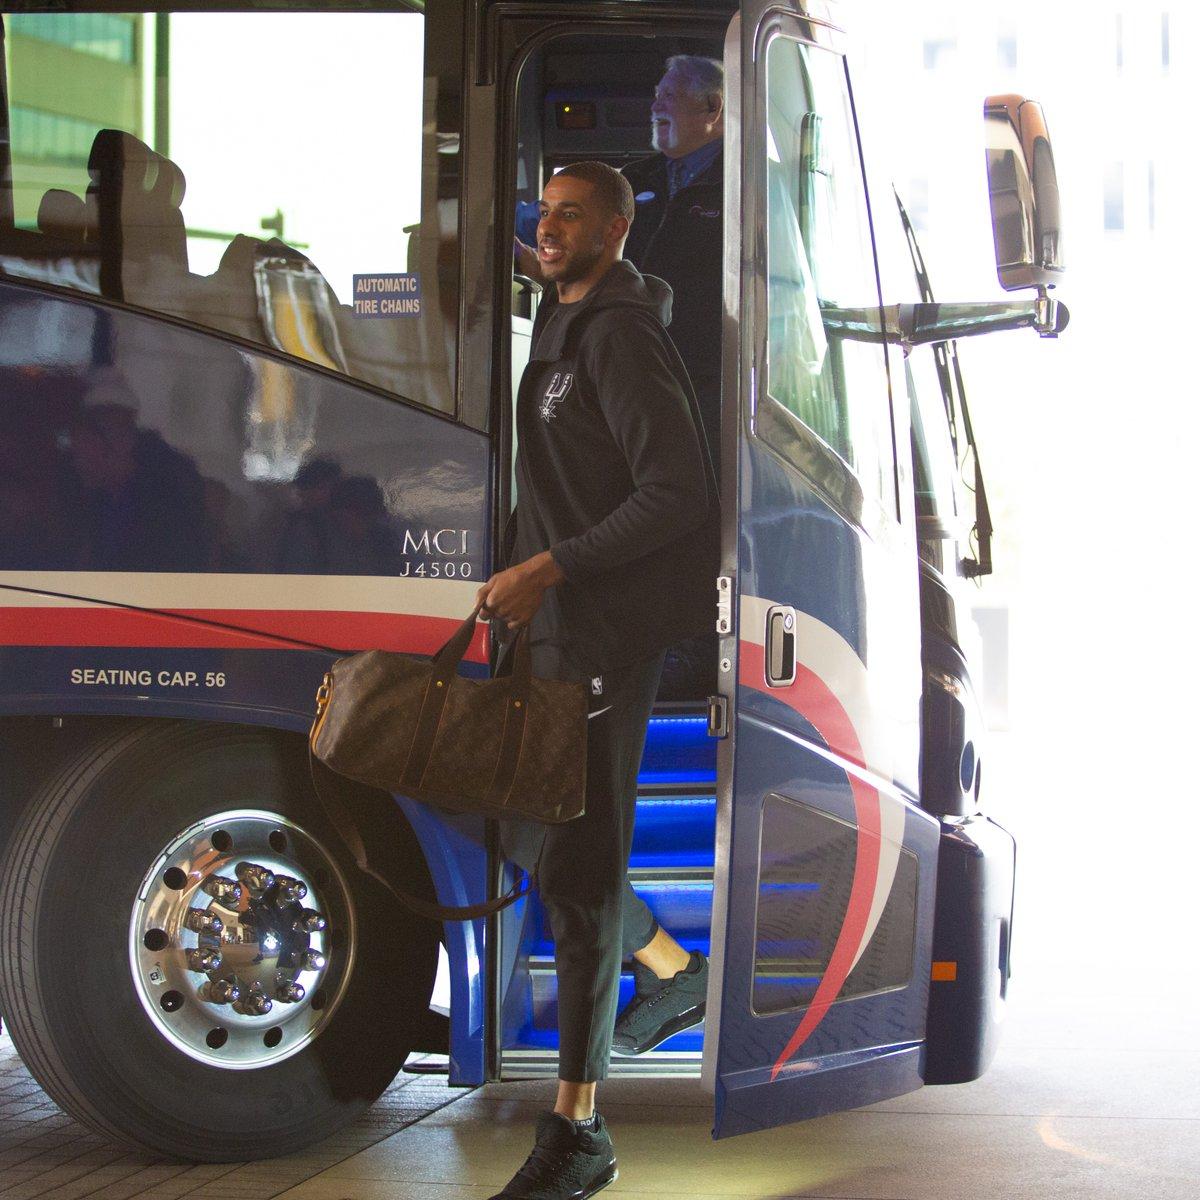 开启季后赛之旅!马刺众将抵达丹佛 NBA新闻 第3张